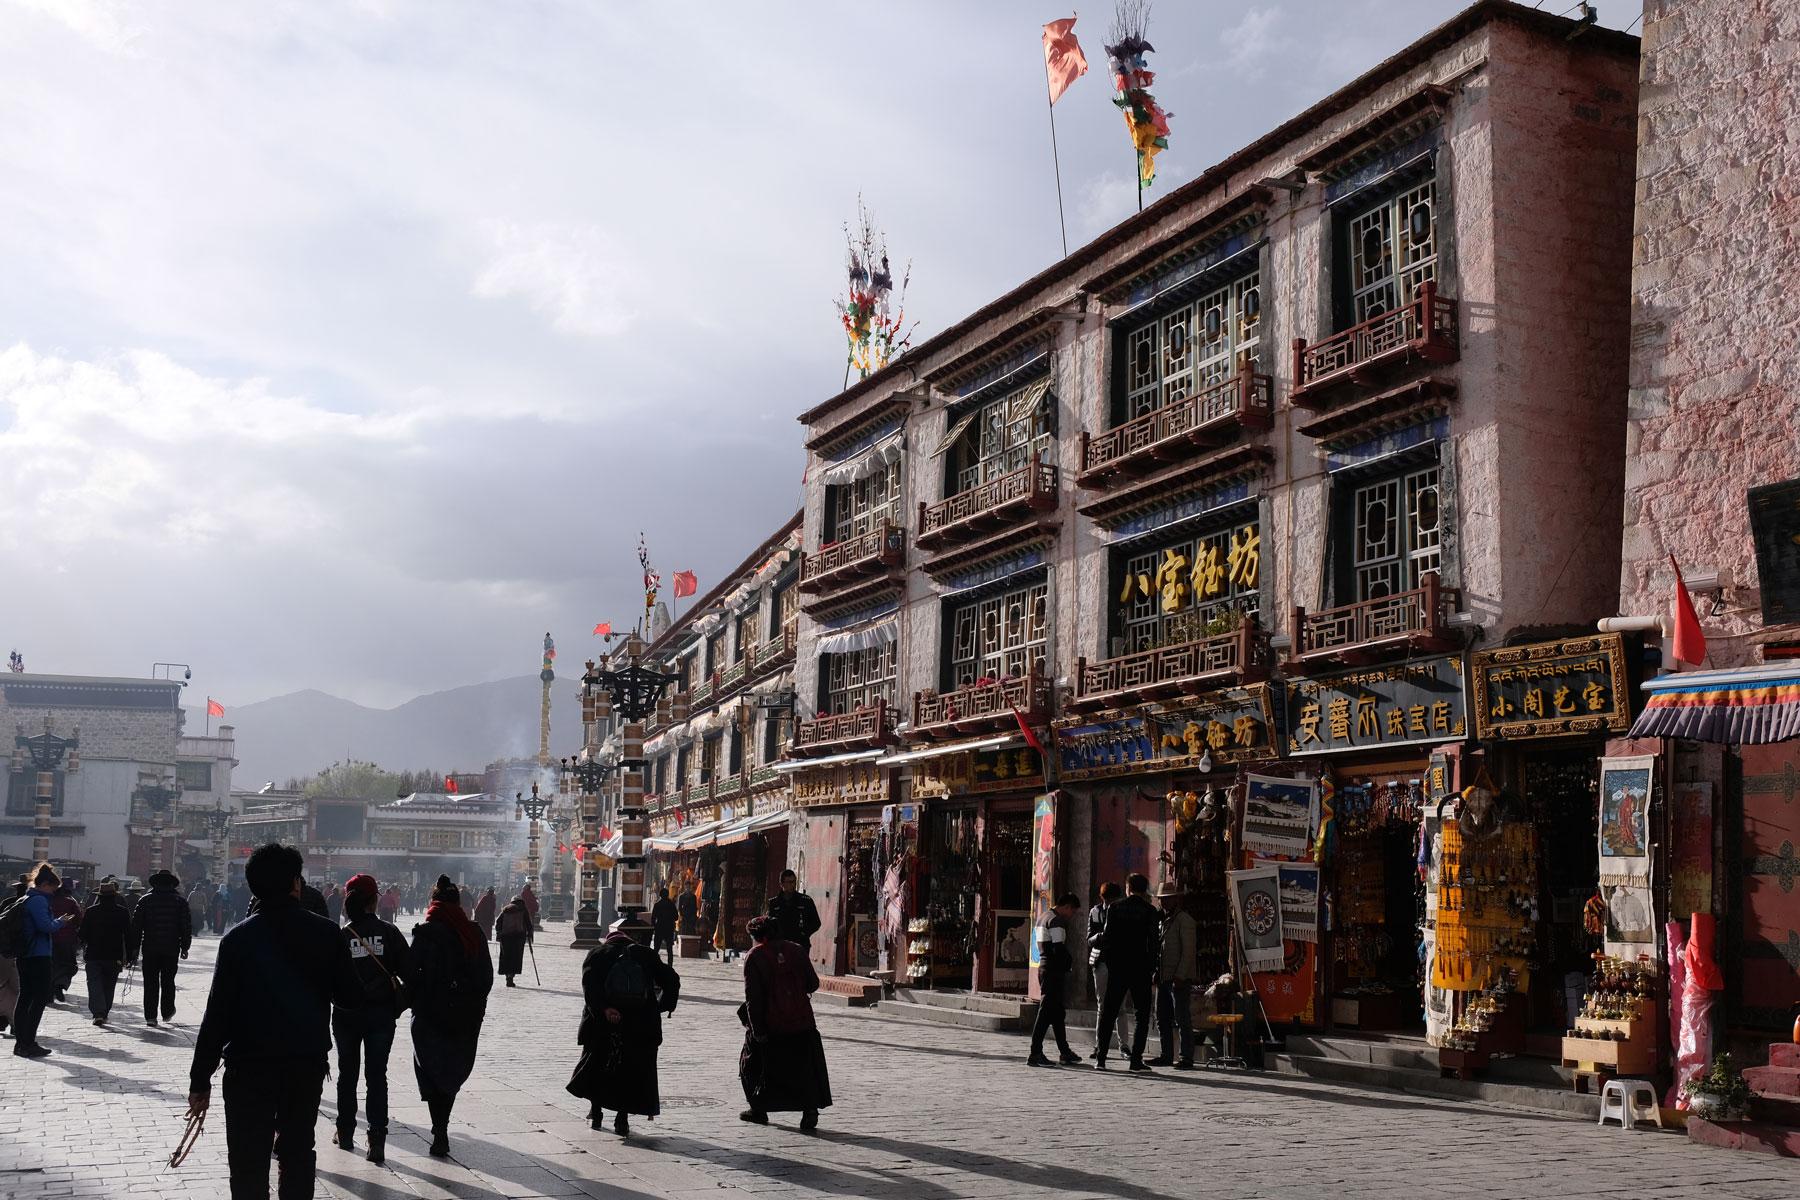 Menschen pilgern auf dem Barkhor in der Altstadt Lhasas in Tibet.